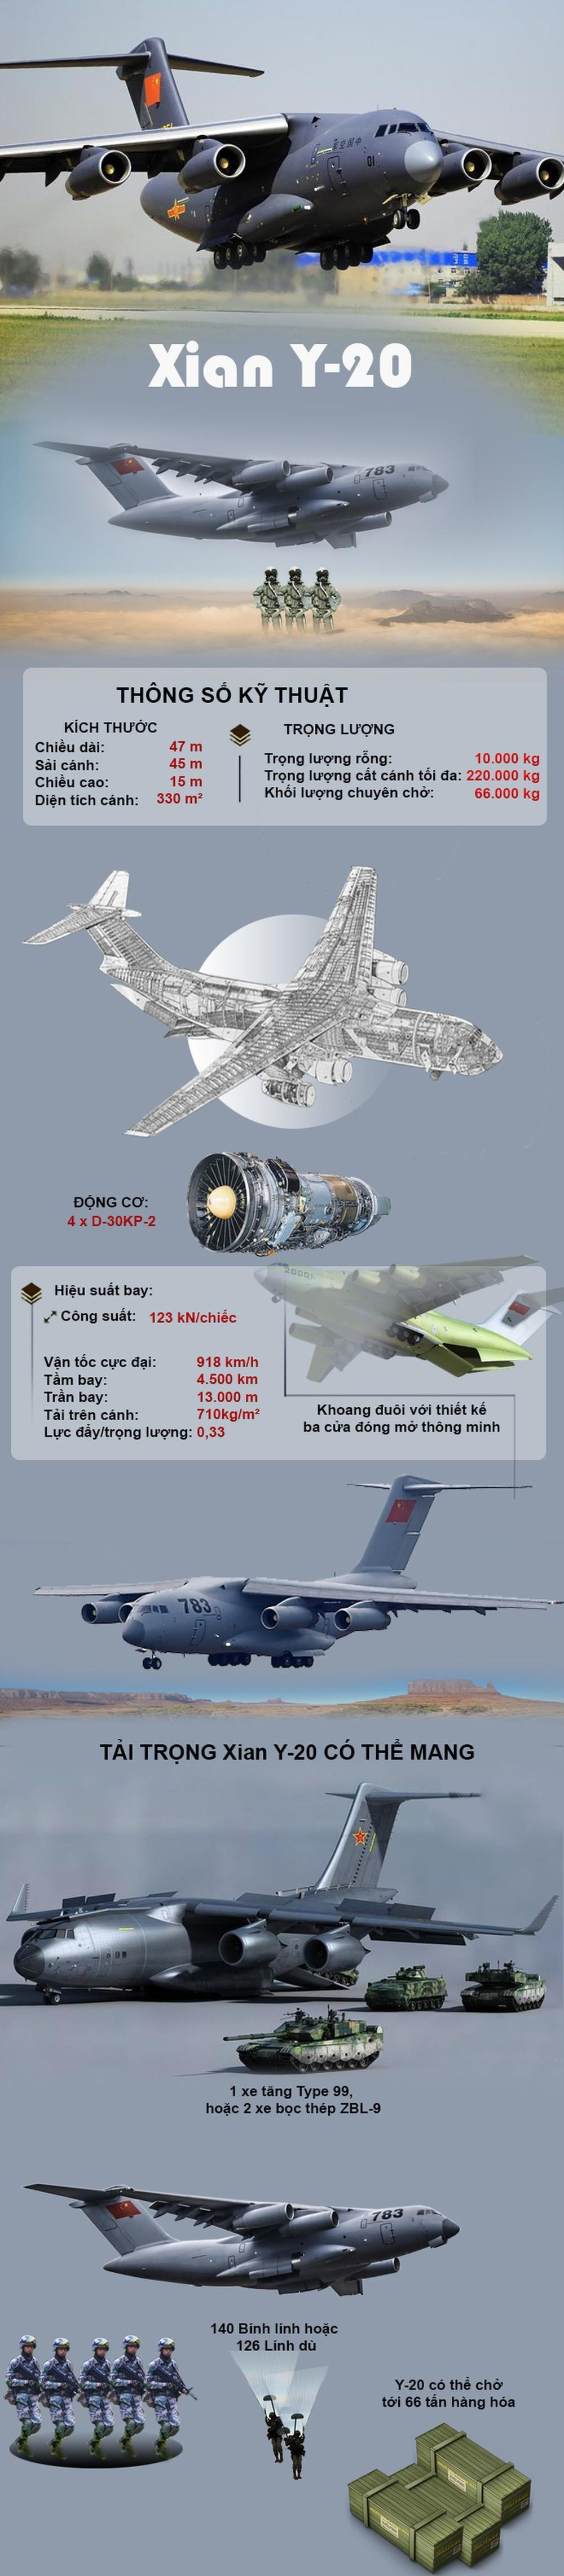 [Info] Máy bay vận tải nội địa khổng lồ Trung Quốc vừa bị Malaysia điểm mặt trên Biển Đông ảnh 3